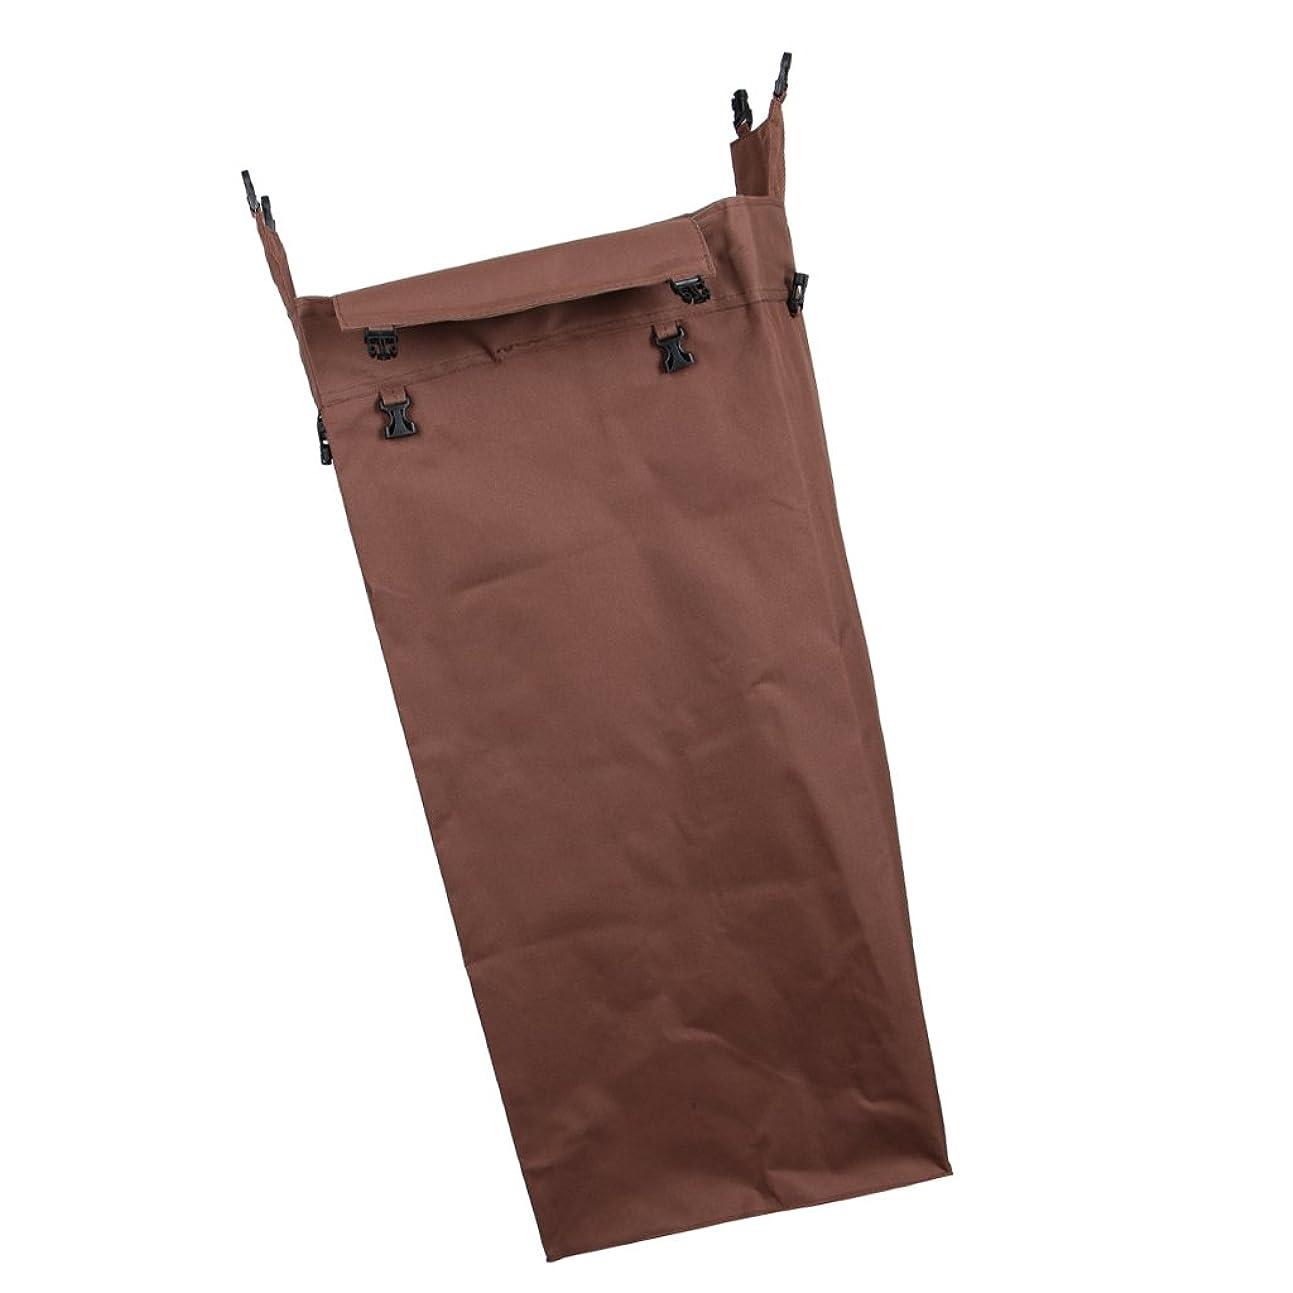 キャンセル出口スライムBaoblaze カートバッグ 業務用 ハウスキーピング  清掃カート 交換バッグ 防水 オックスフォード布 耐摩耗性 - L